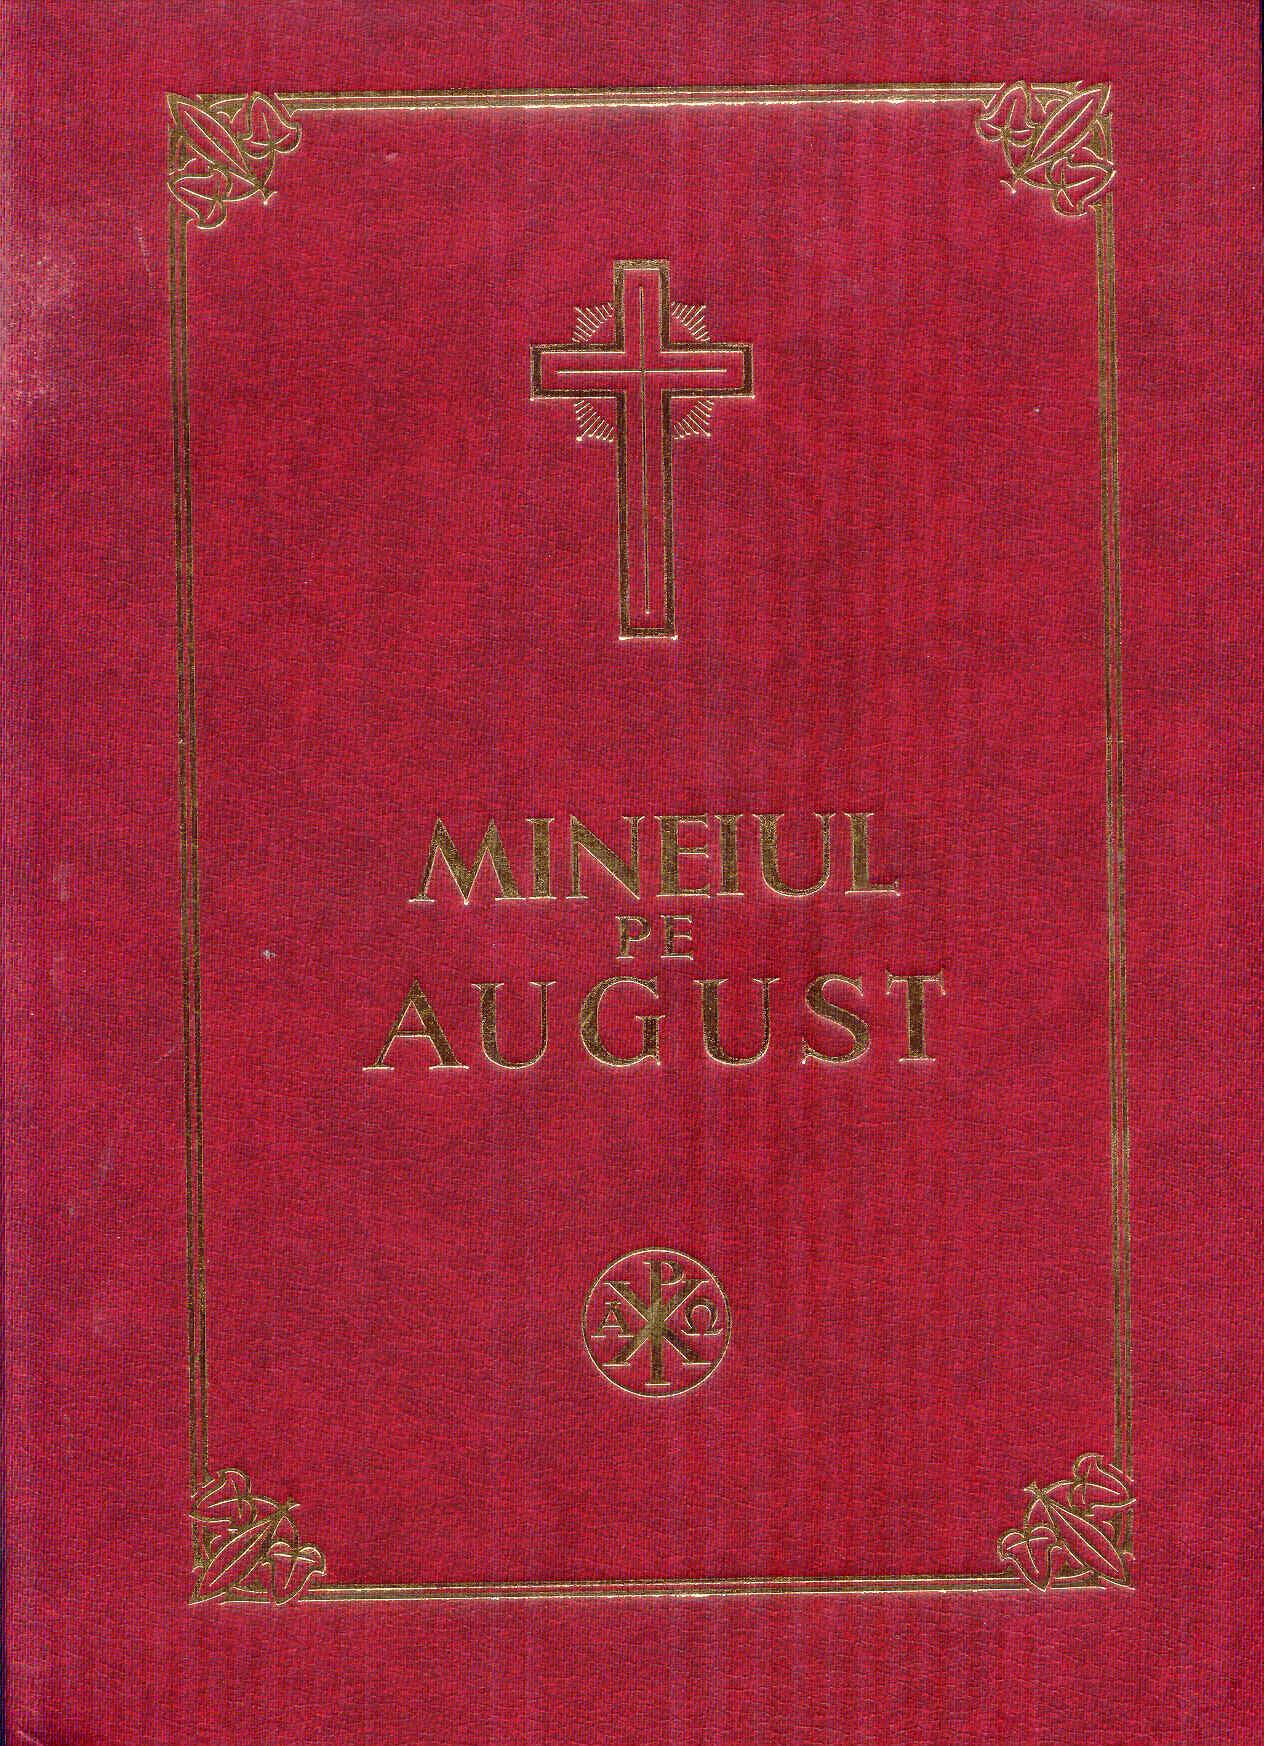 Mineiul pe August